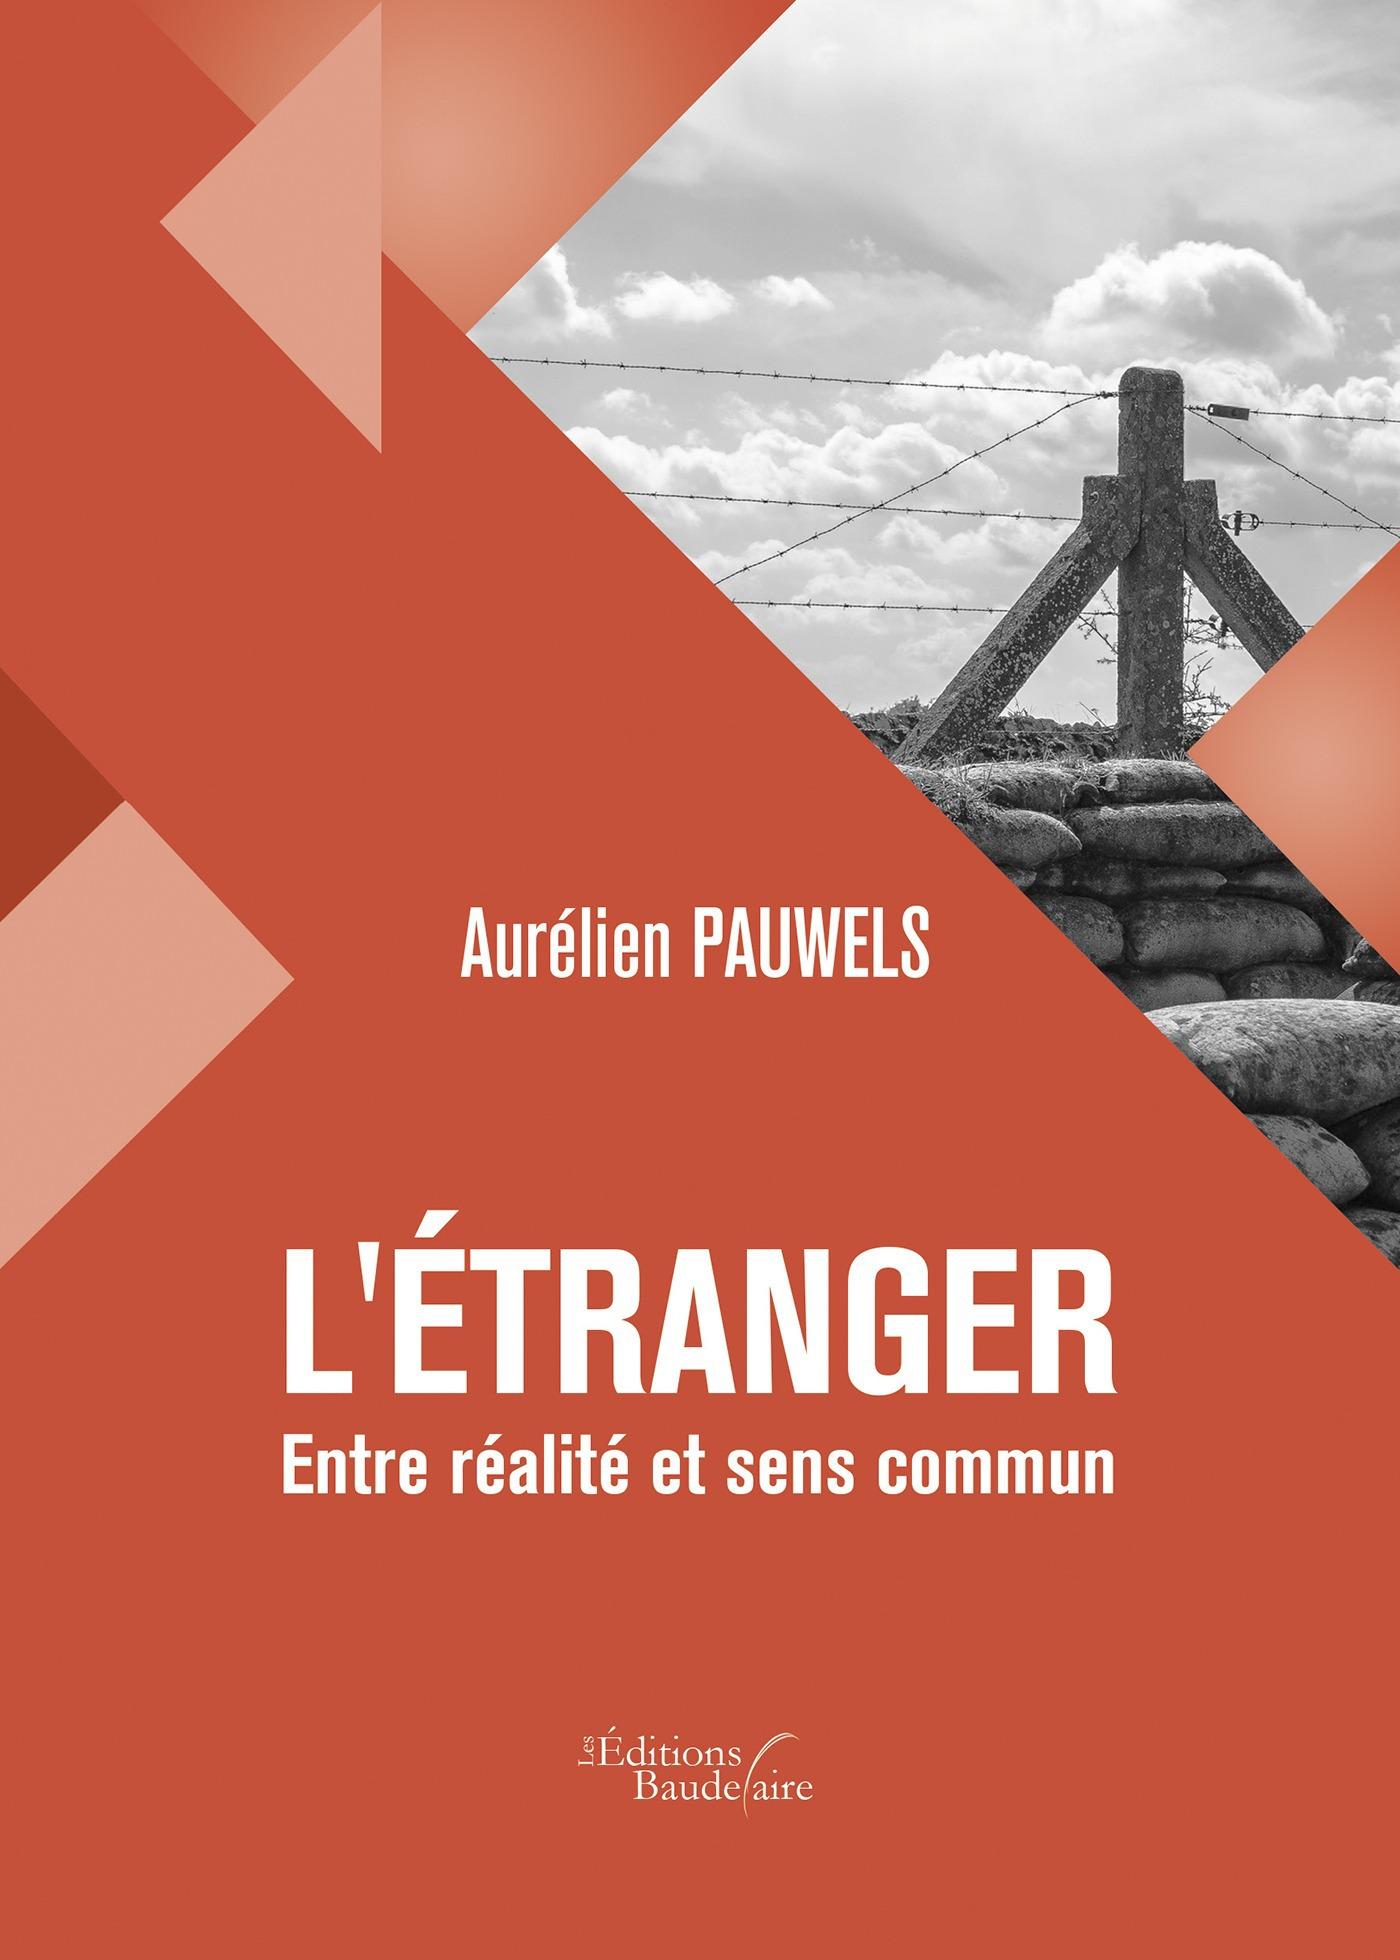 Aurélien Pauwels L'étranger : entre réalité et sens commun